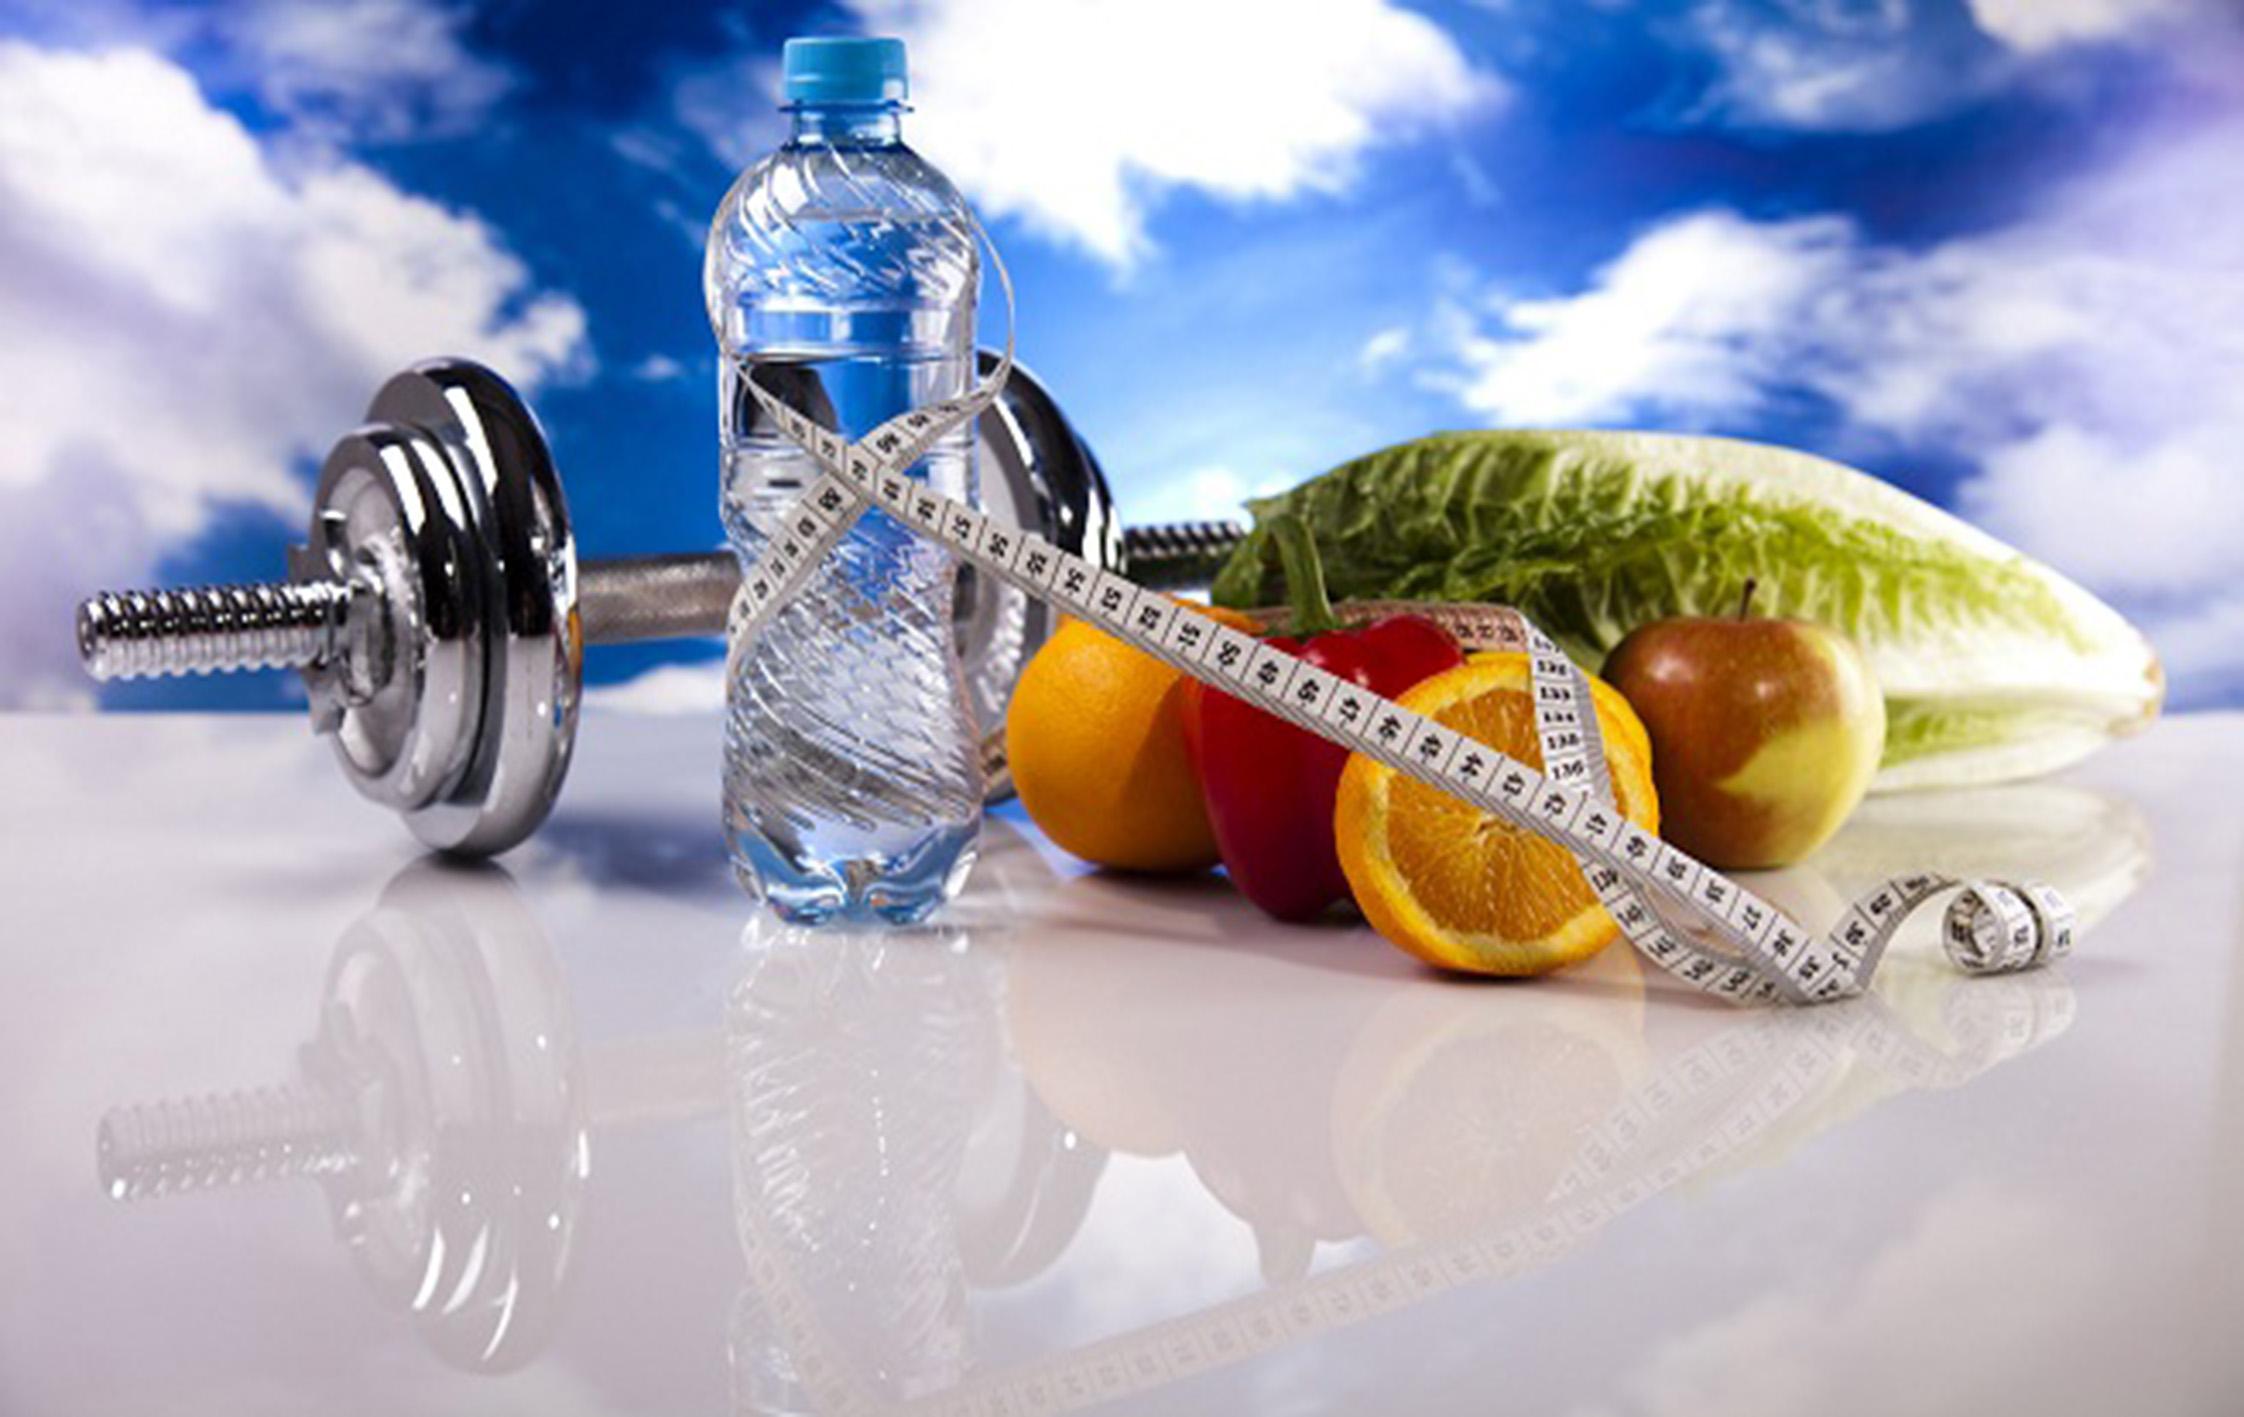 -سریع، راحت و با کم ترین زحمت وزن کم کنید!